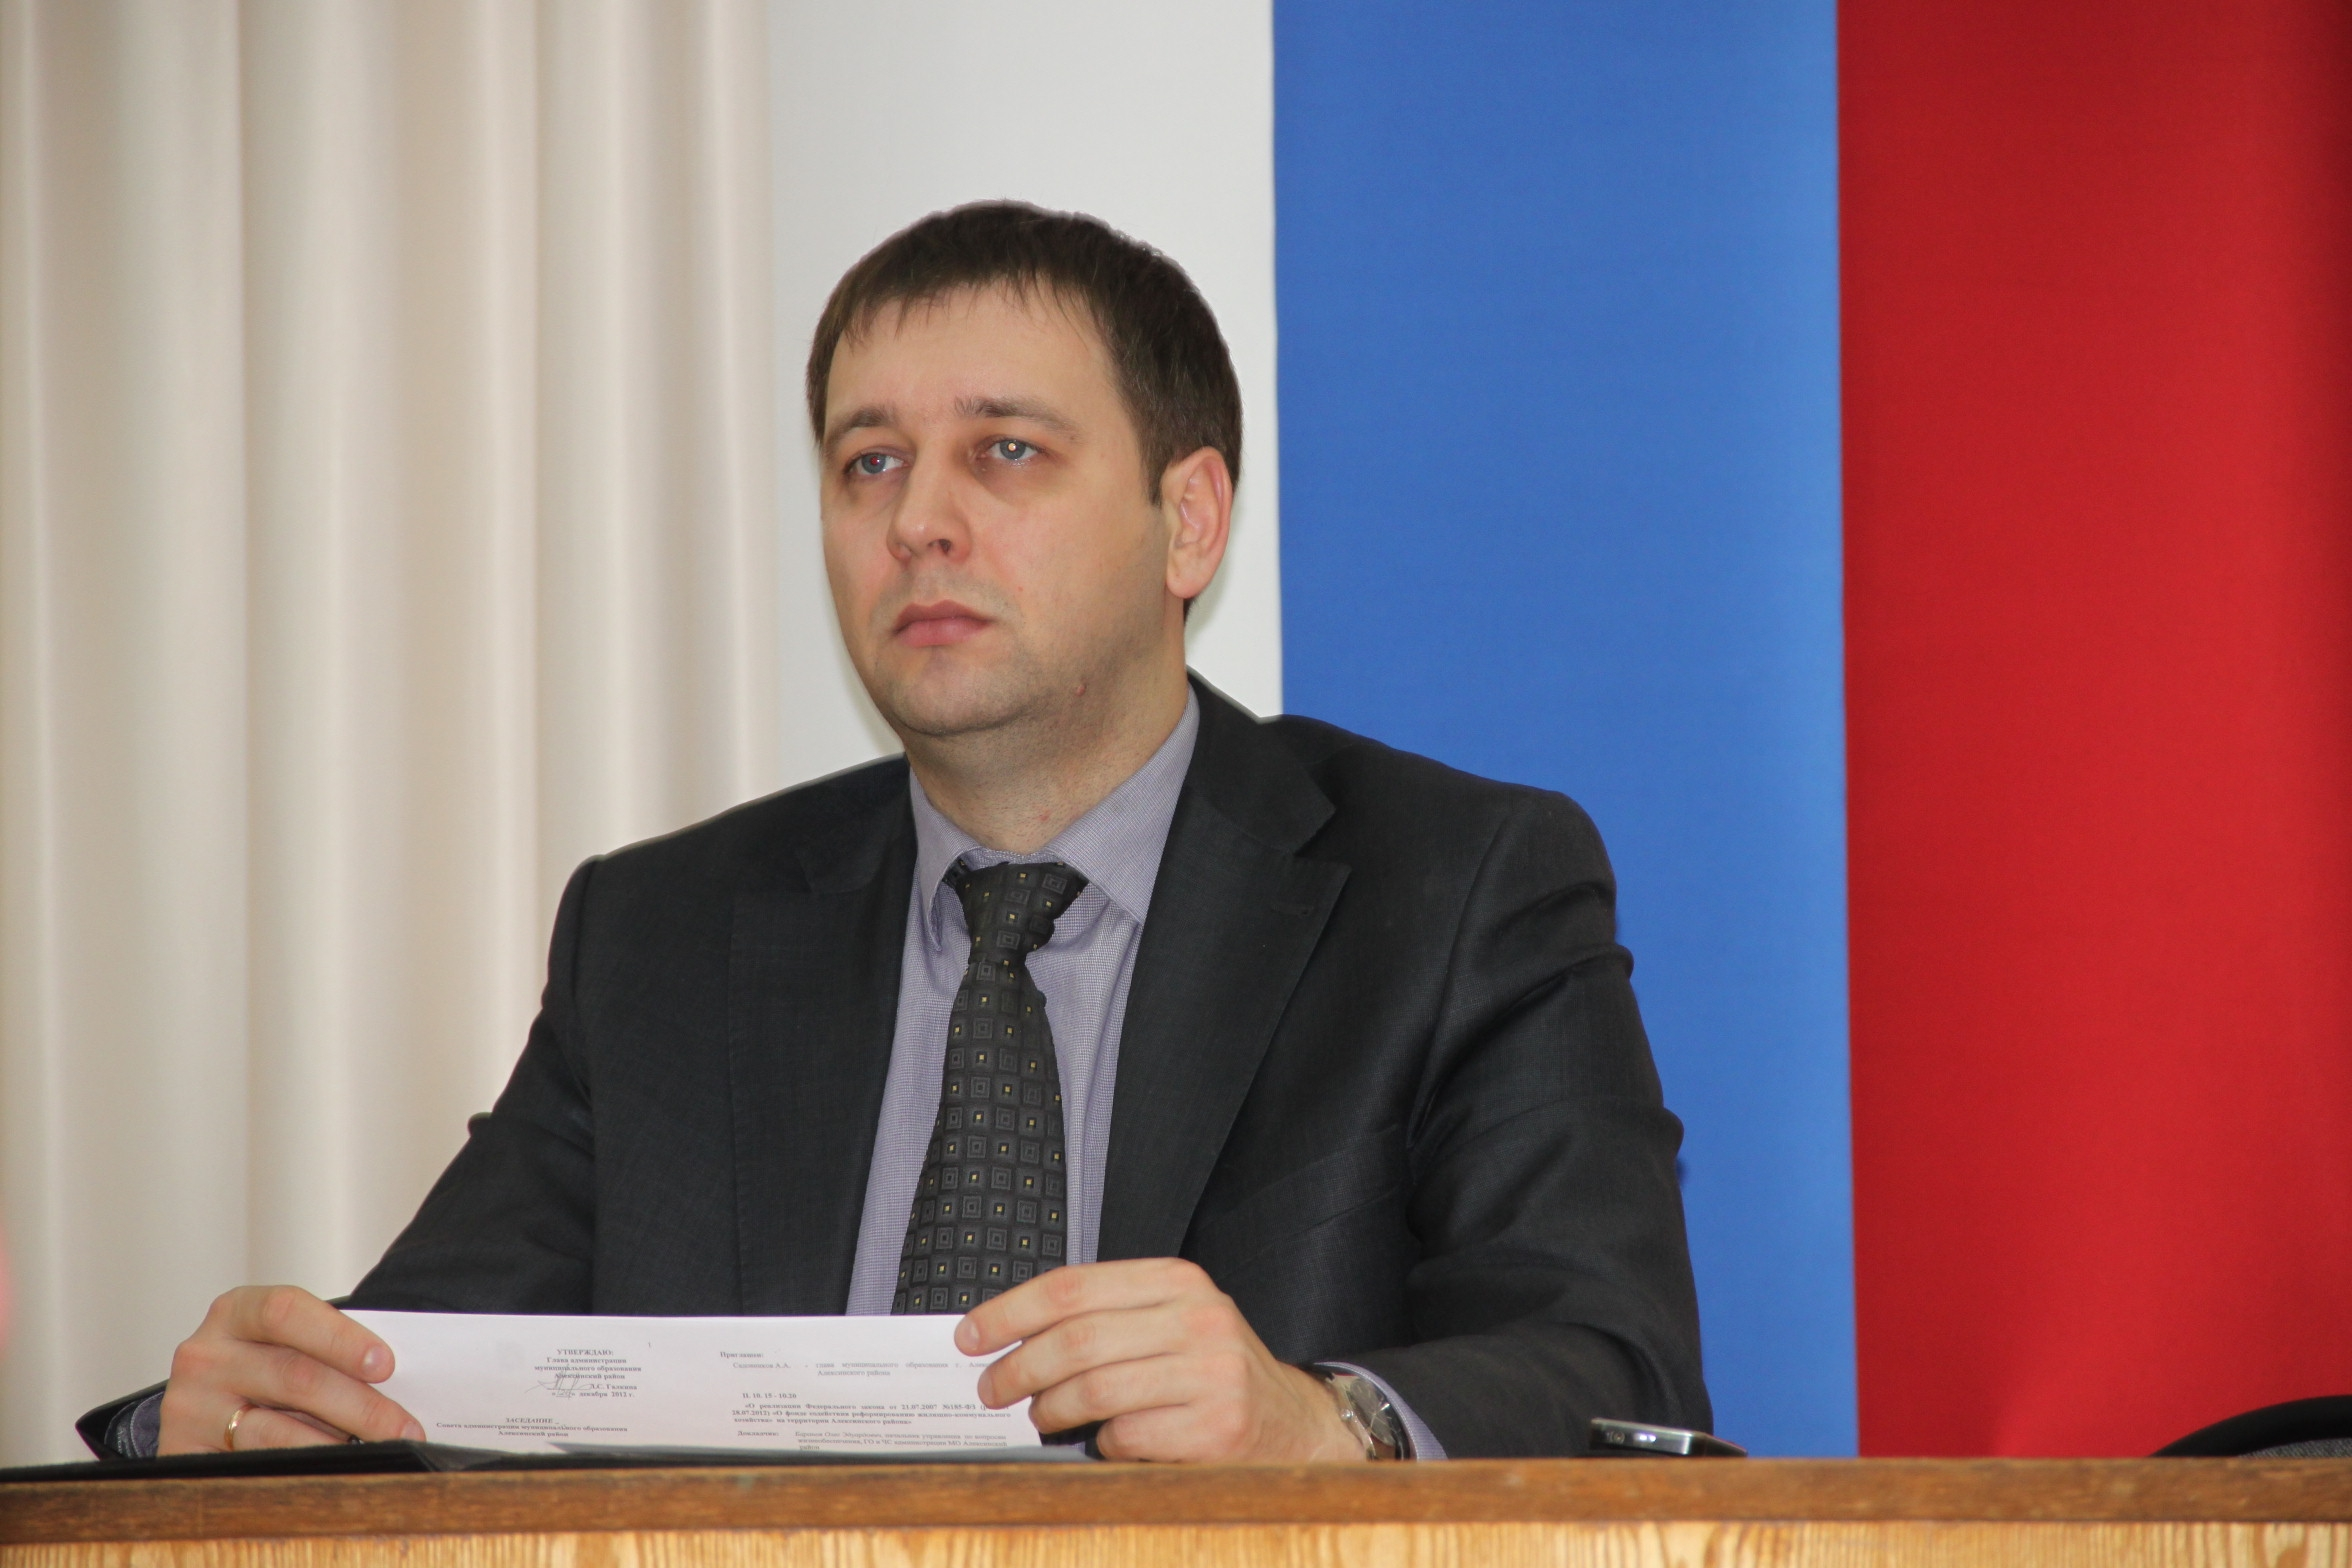 Руководитель Алексина Тульской области получил строгий выговор забездействие